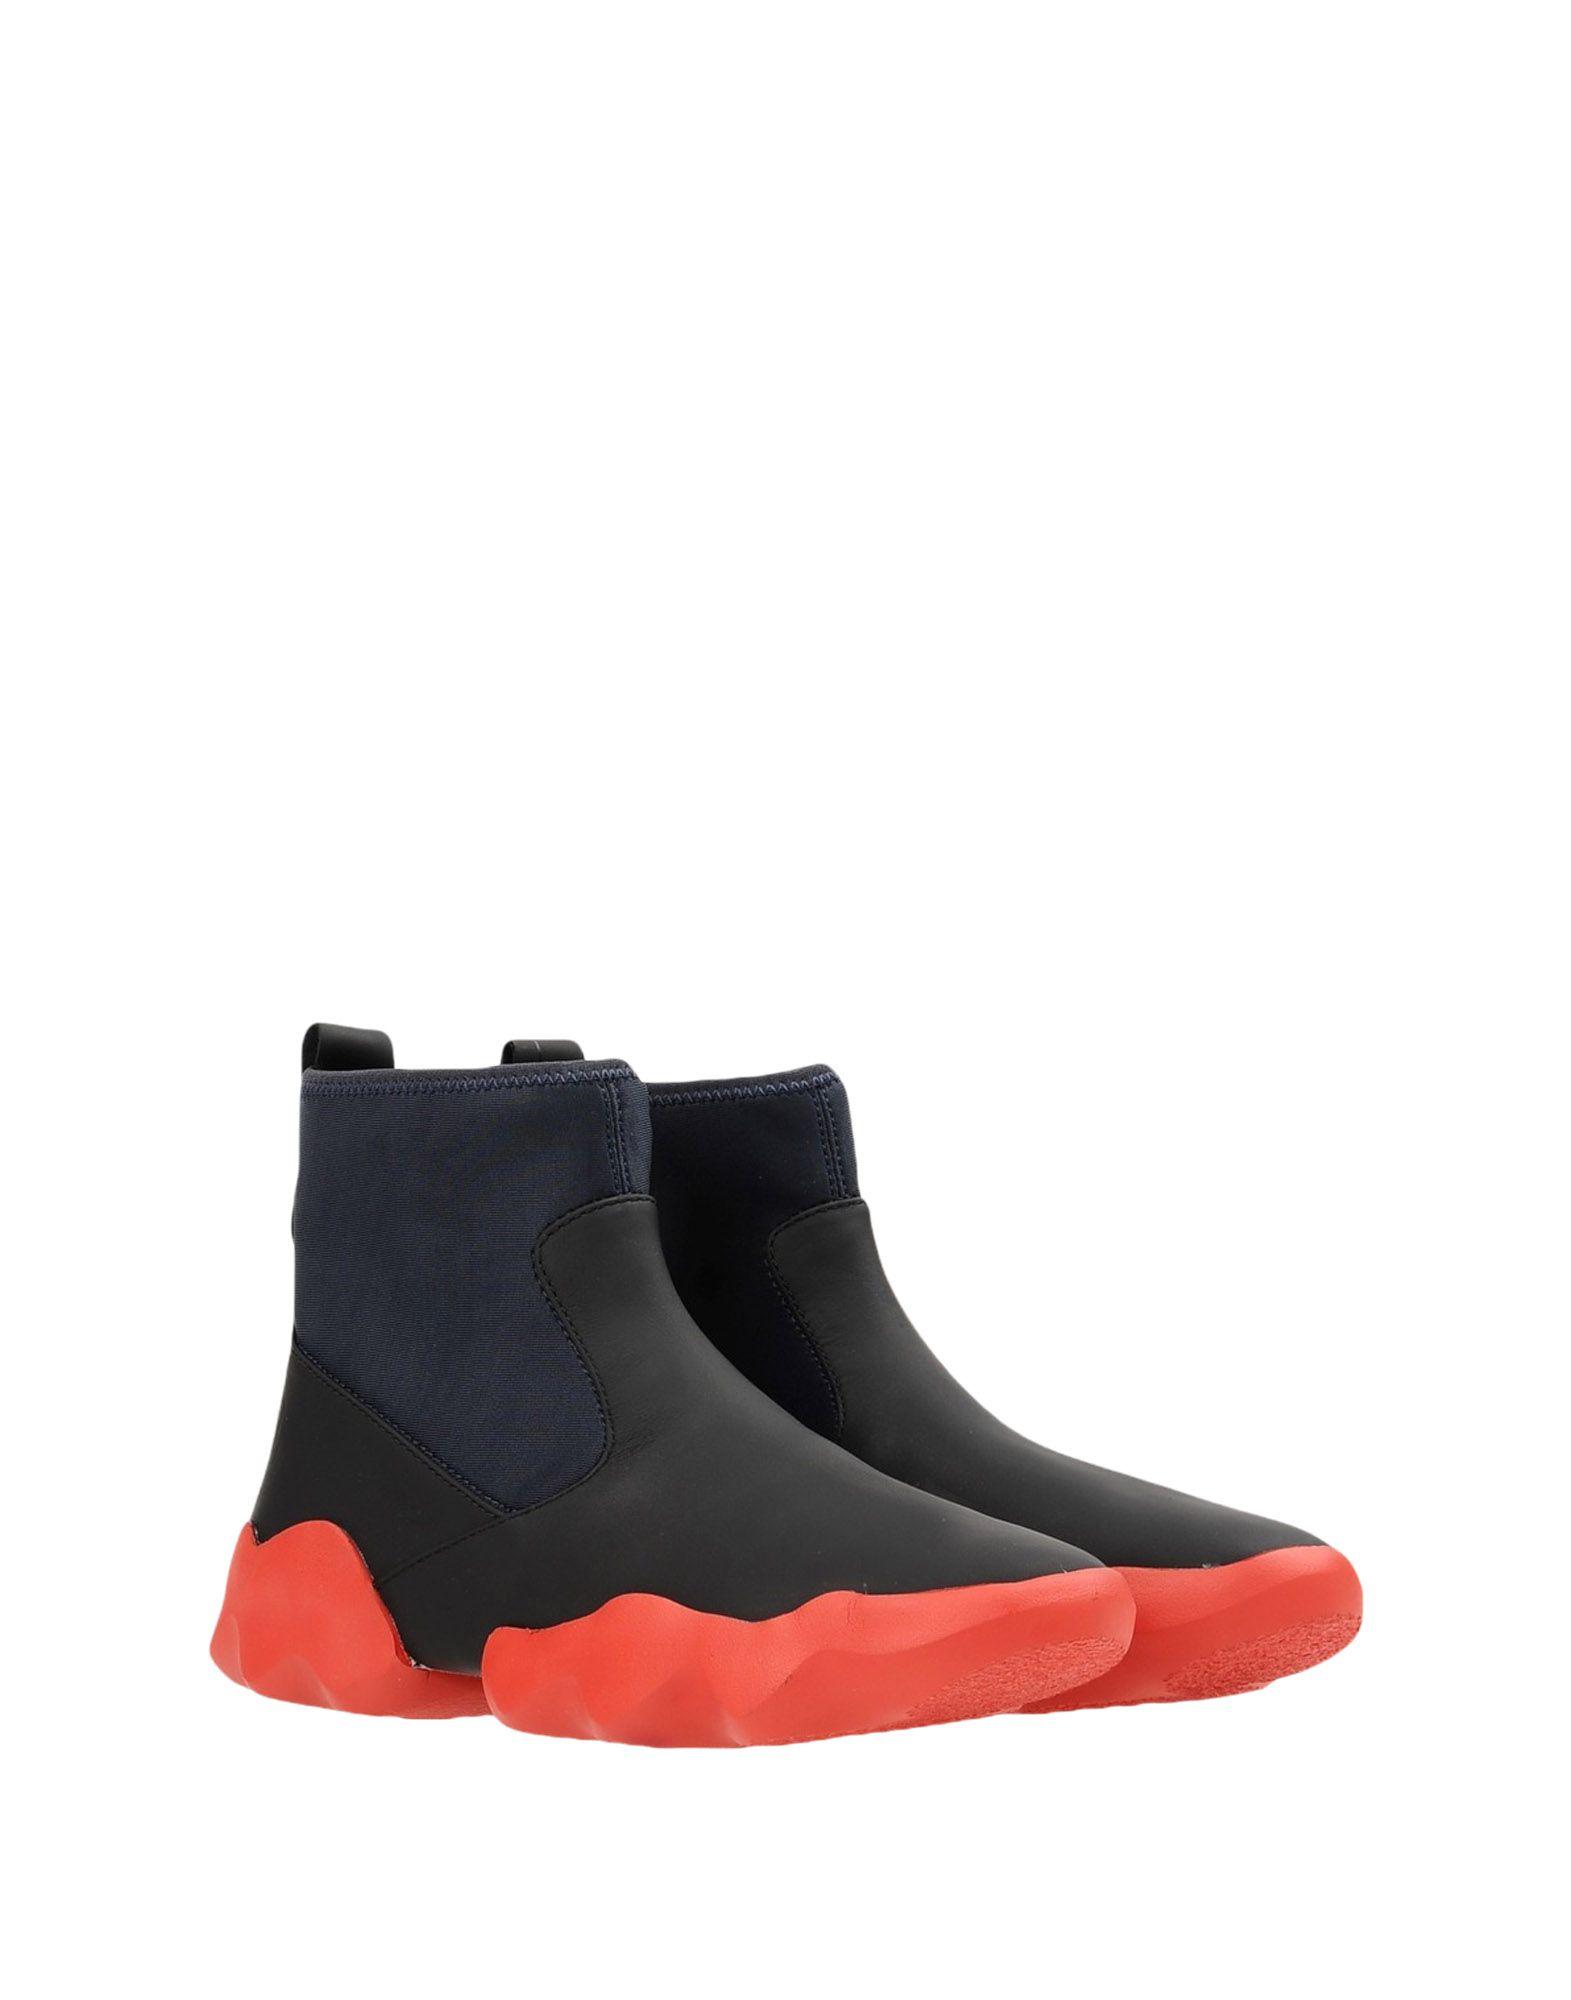 Camper Sneakers Damen  11367402VD 11367402VD  4d6dec